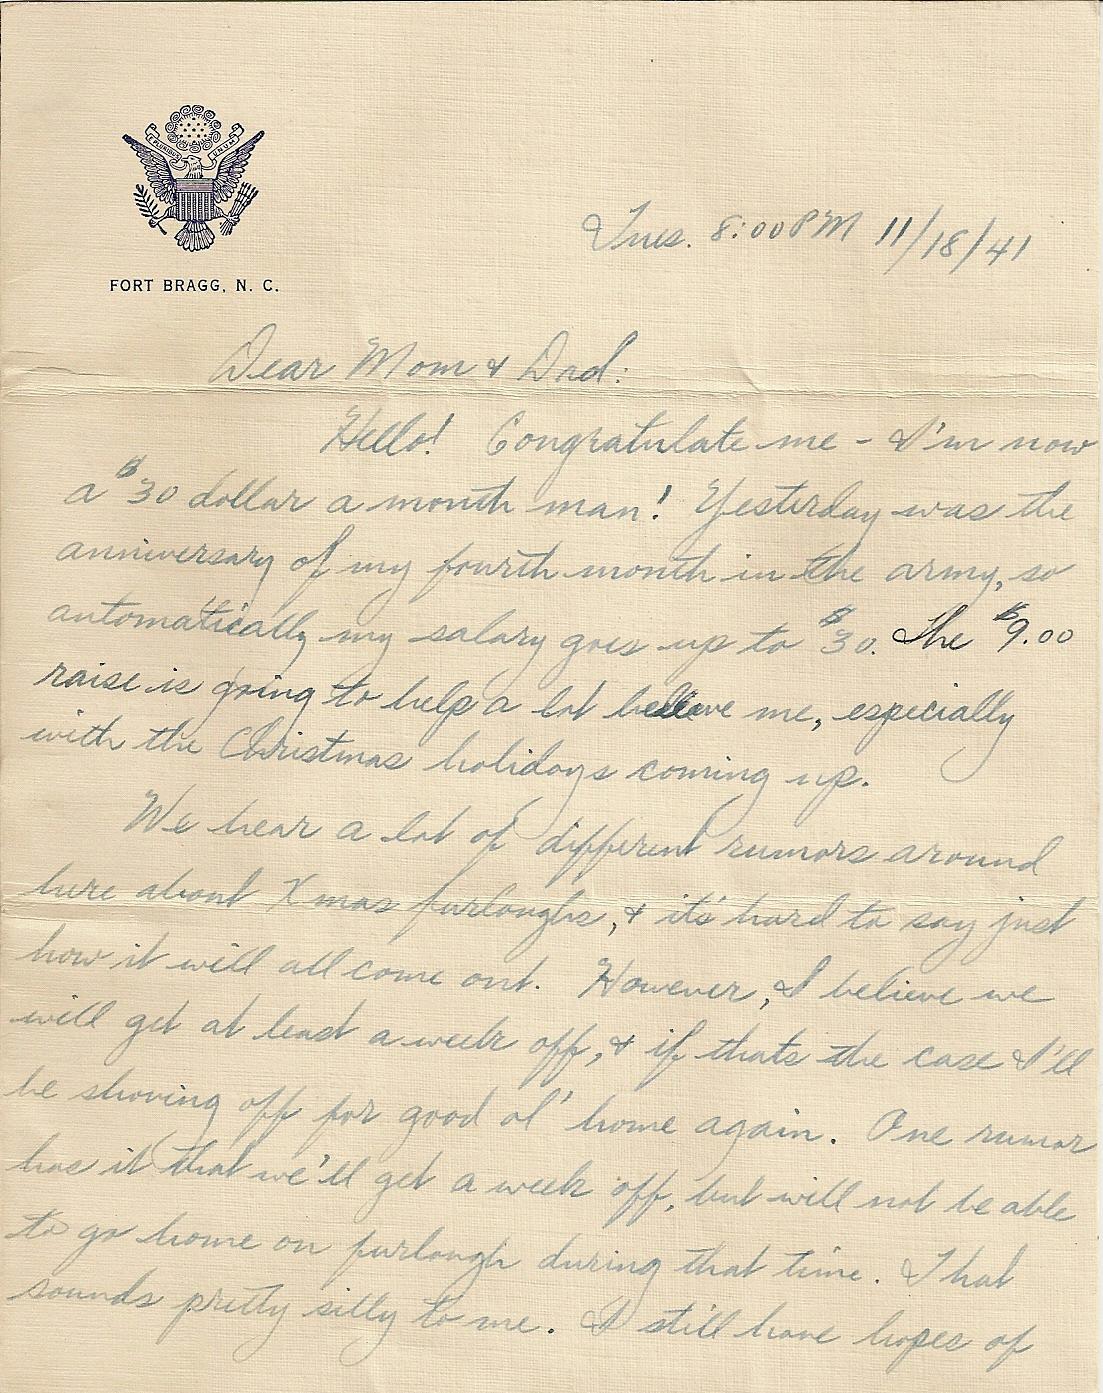 11.18.1941b.jpg